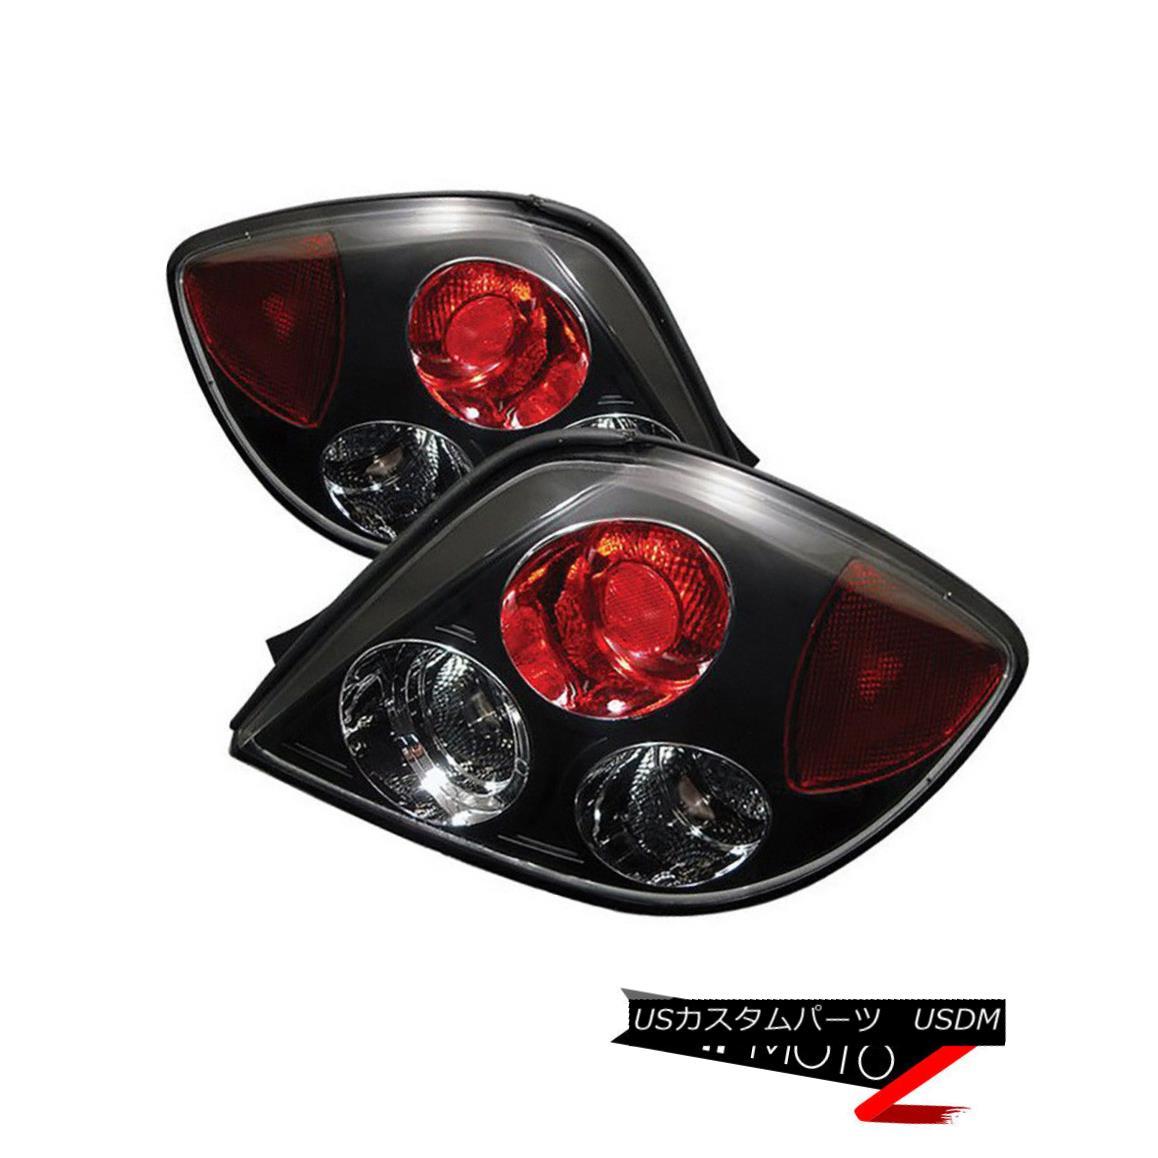 テールライト For 2003-2005 Tiburon GS/GT/SE Left+Right Black Altezza Tail Light 2003?2005年Tiburon GS / GT / SE左+右ブラックアルテッツァテールライト